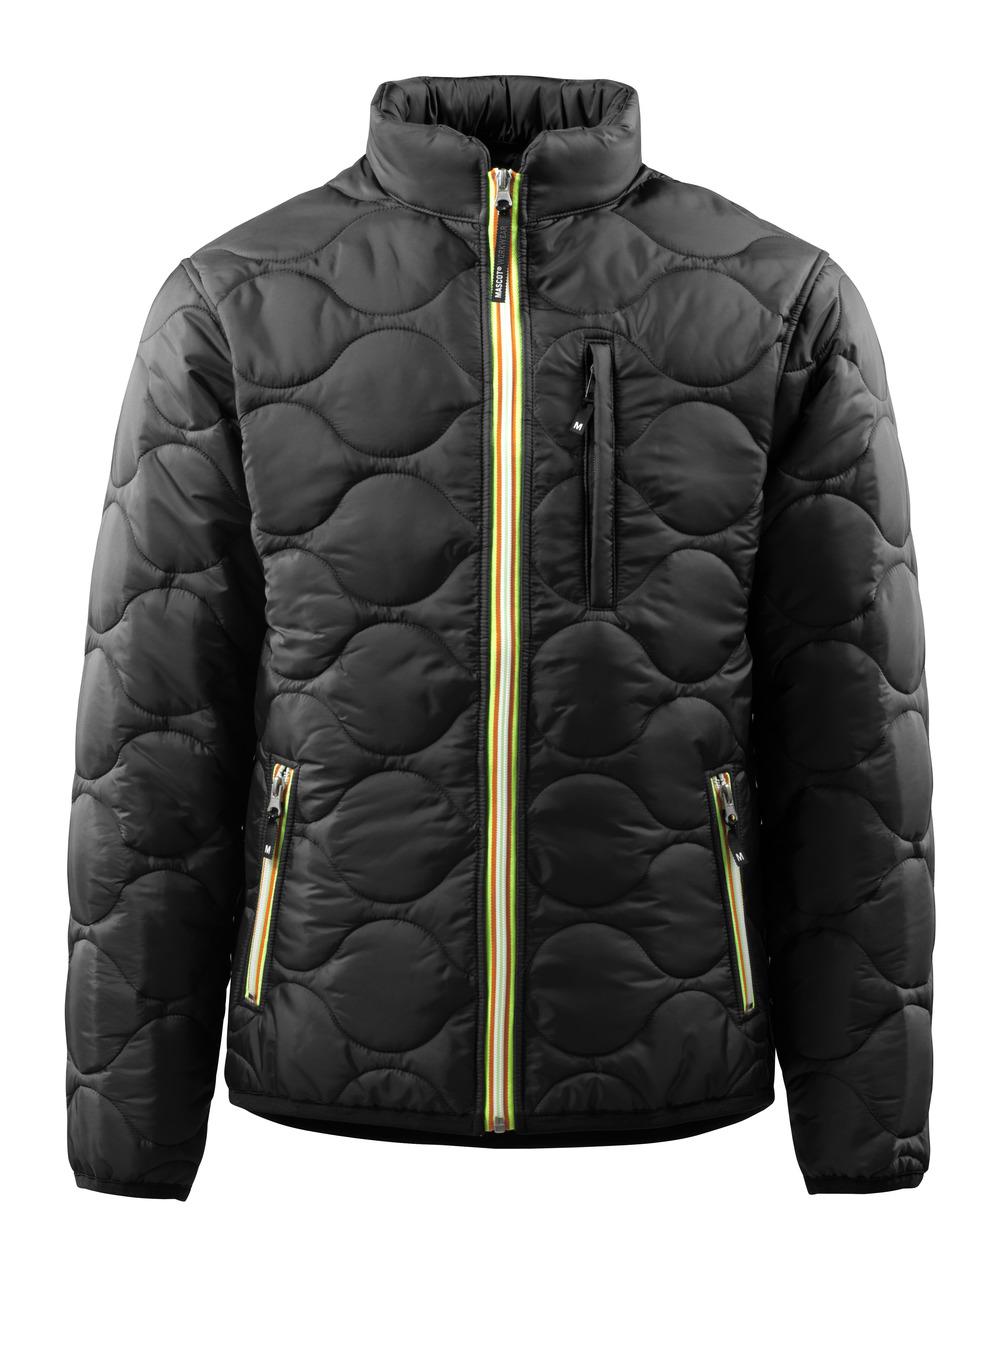 15015-998-09 Chaqueta térmica - negro